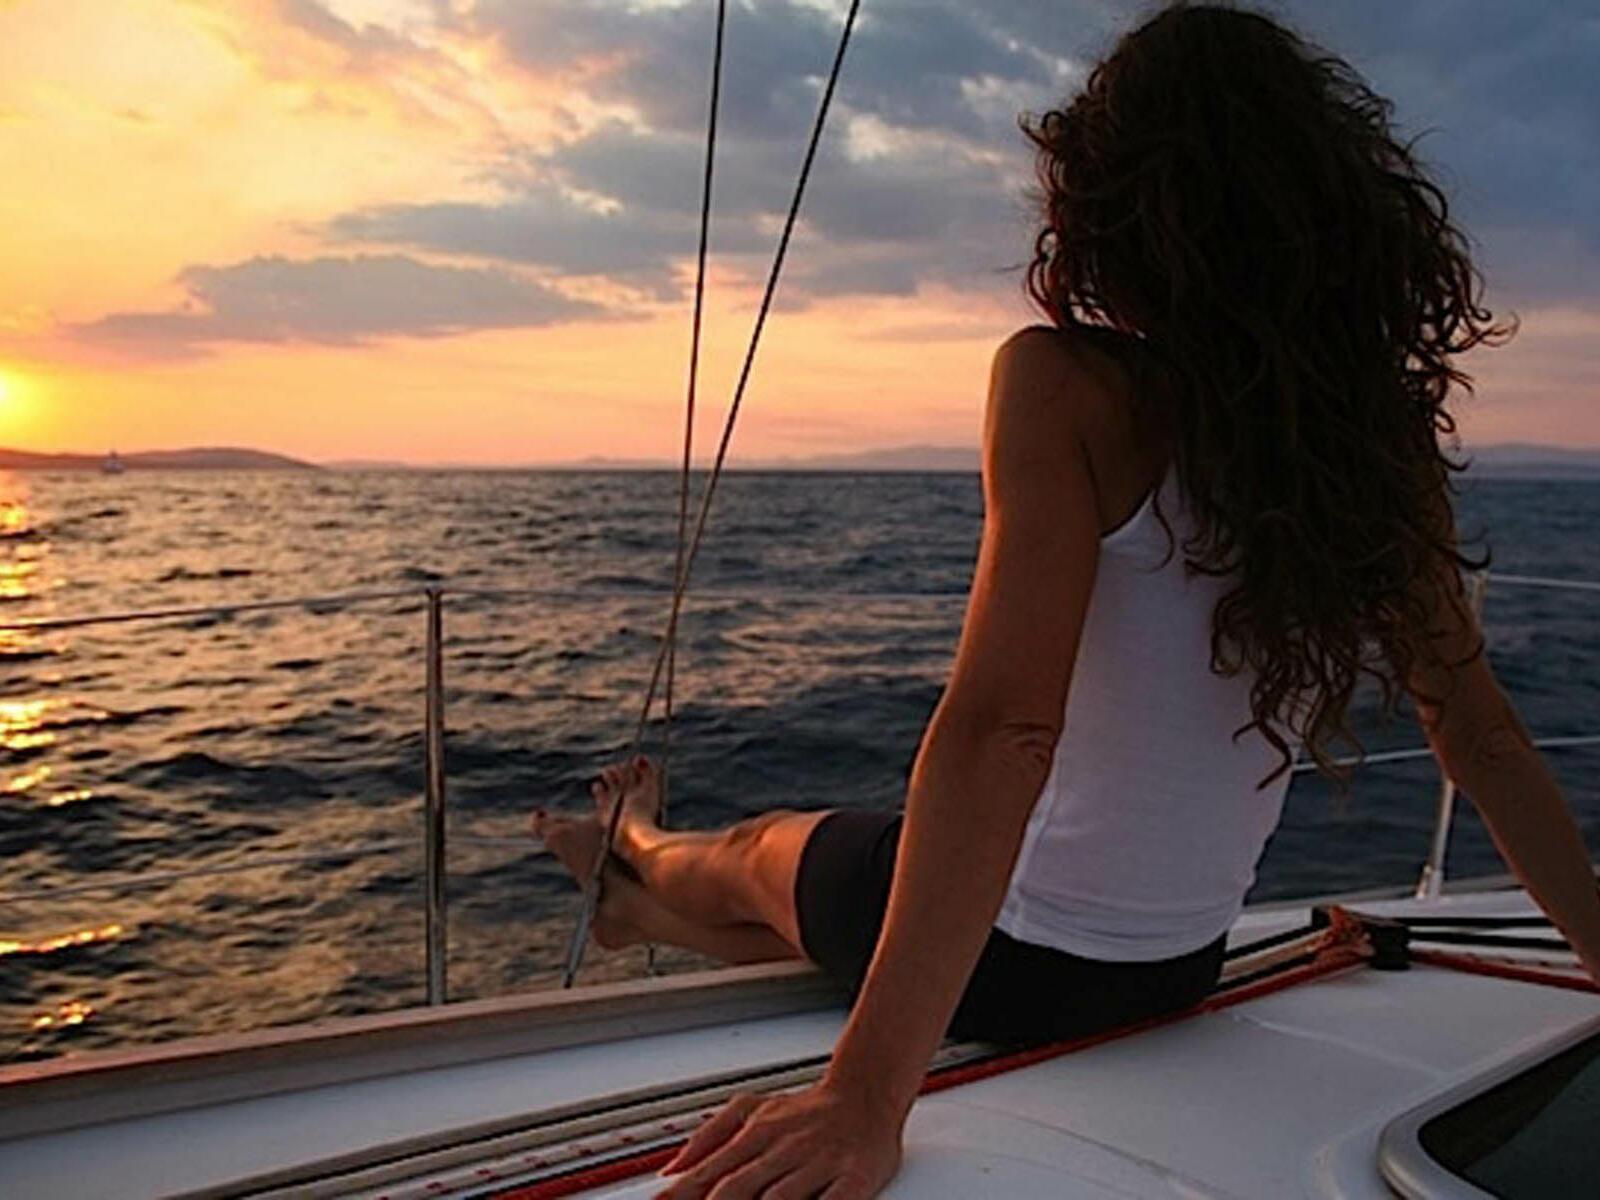 A girl relaxing on a boat near Hotel Cascais Miragem